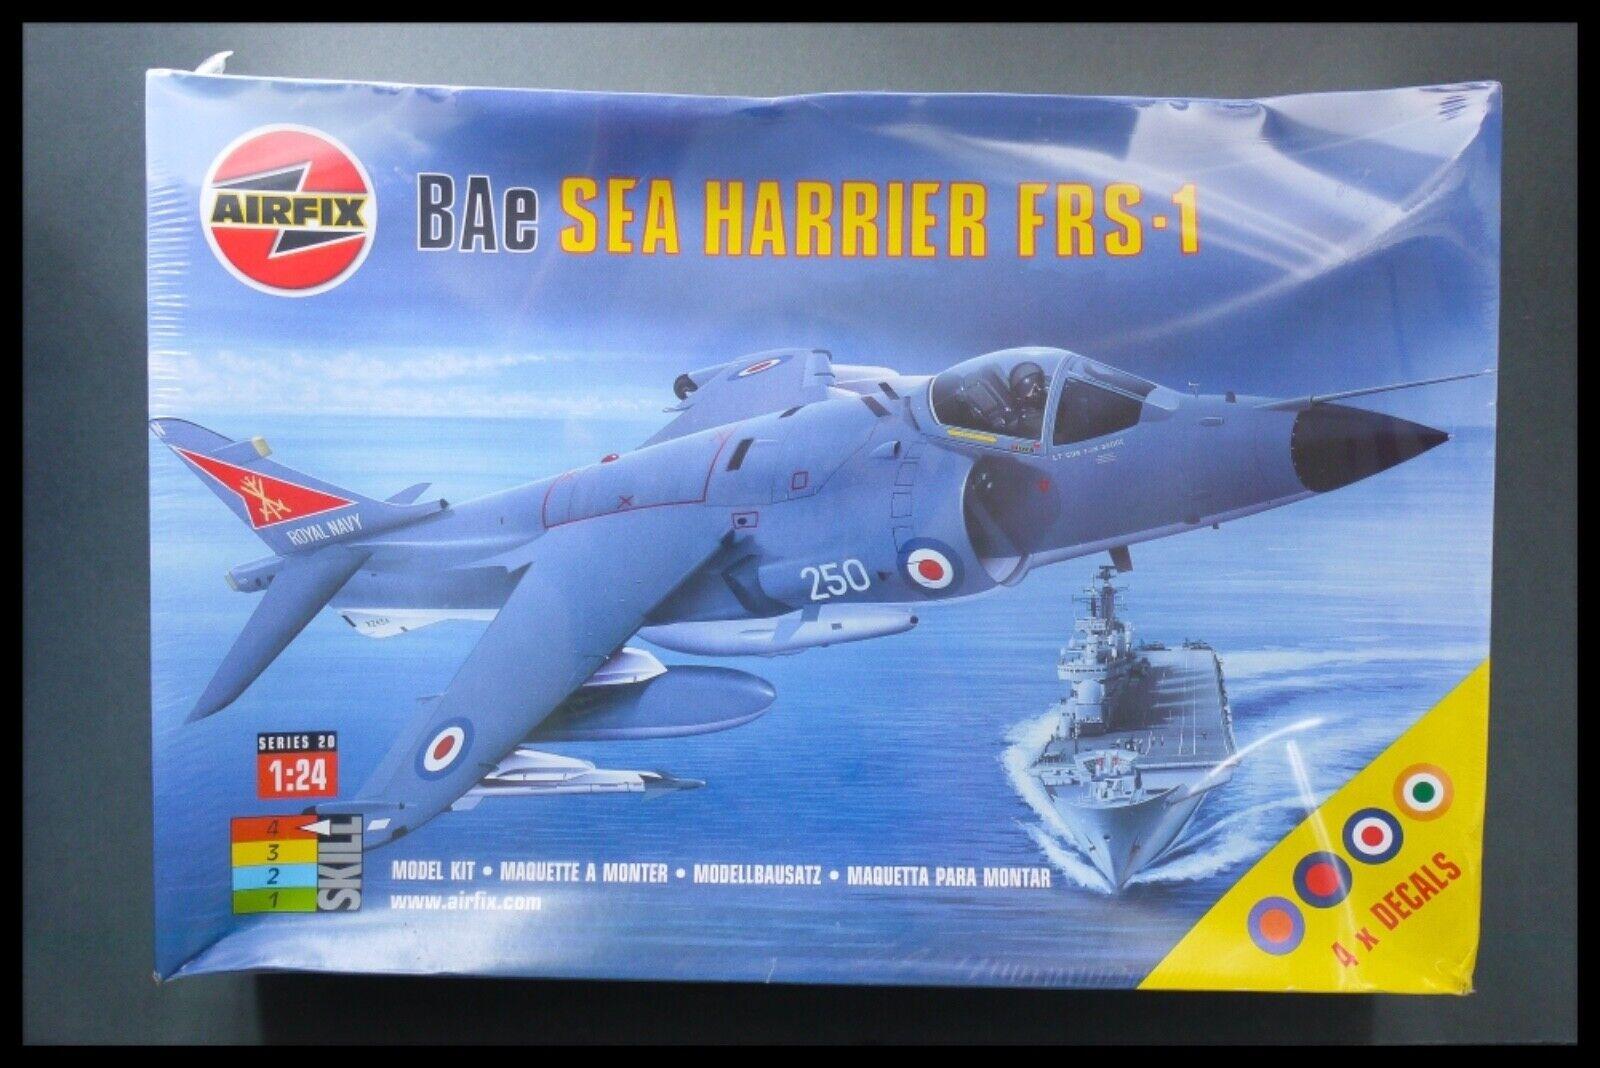 Luftfix 1 24 skala BAe Sea Harrier FRS -1